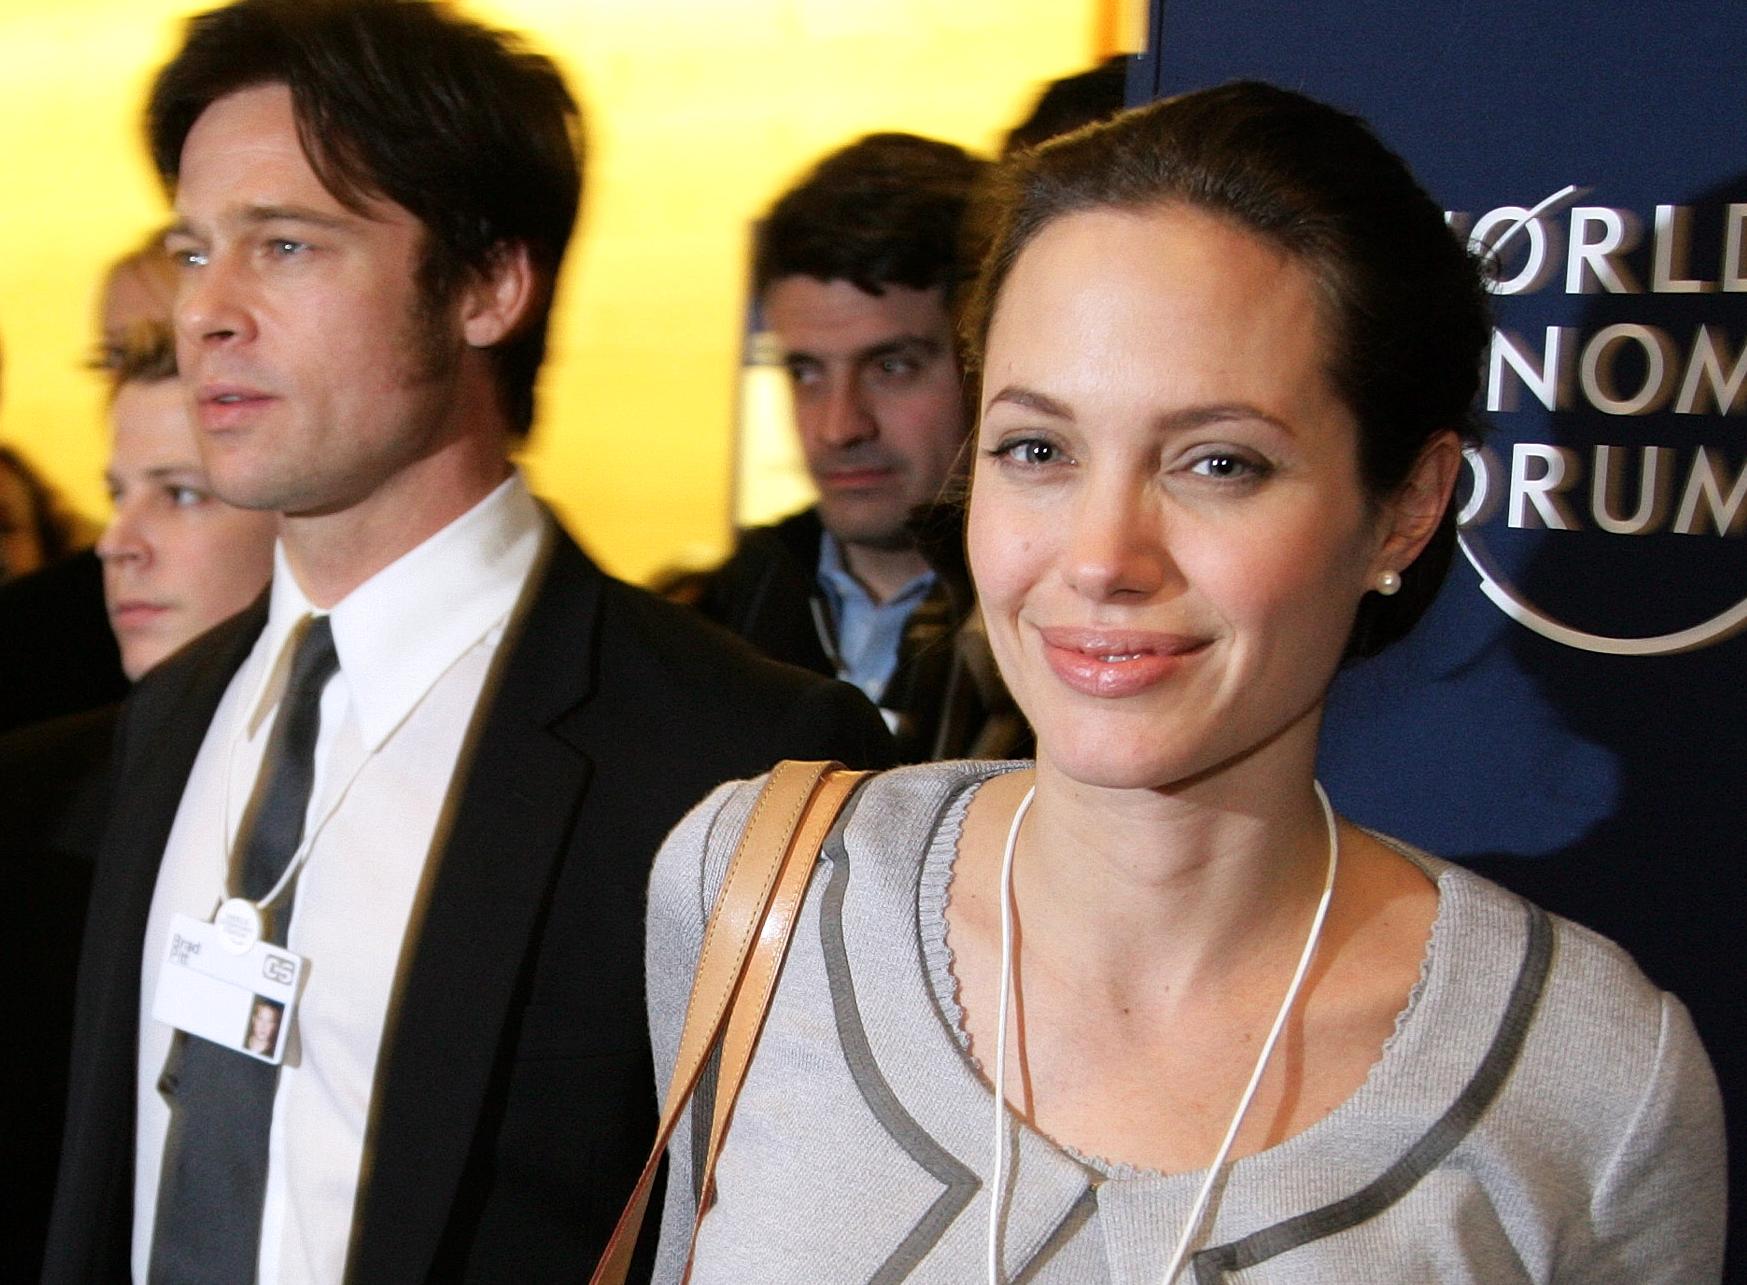 Анджелина Джоли взяла Меган Маркл «под крыло» — СМИ